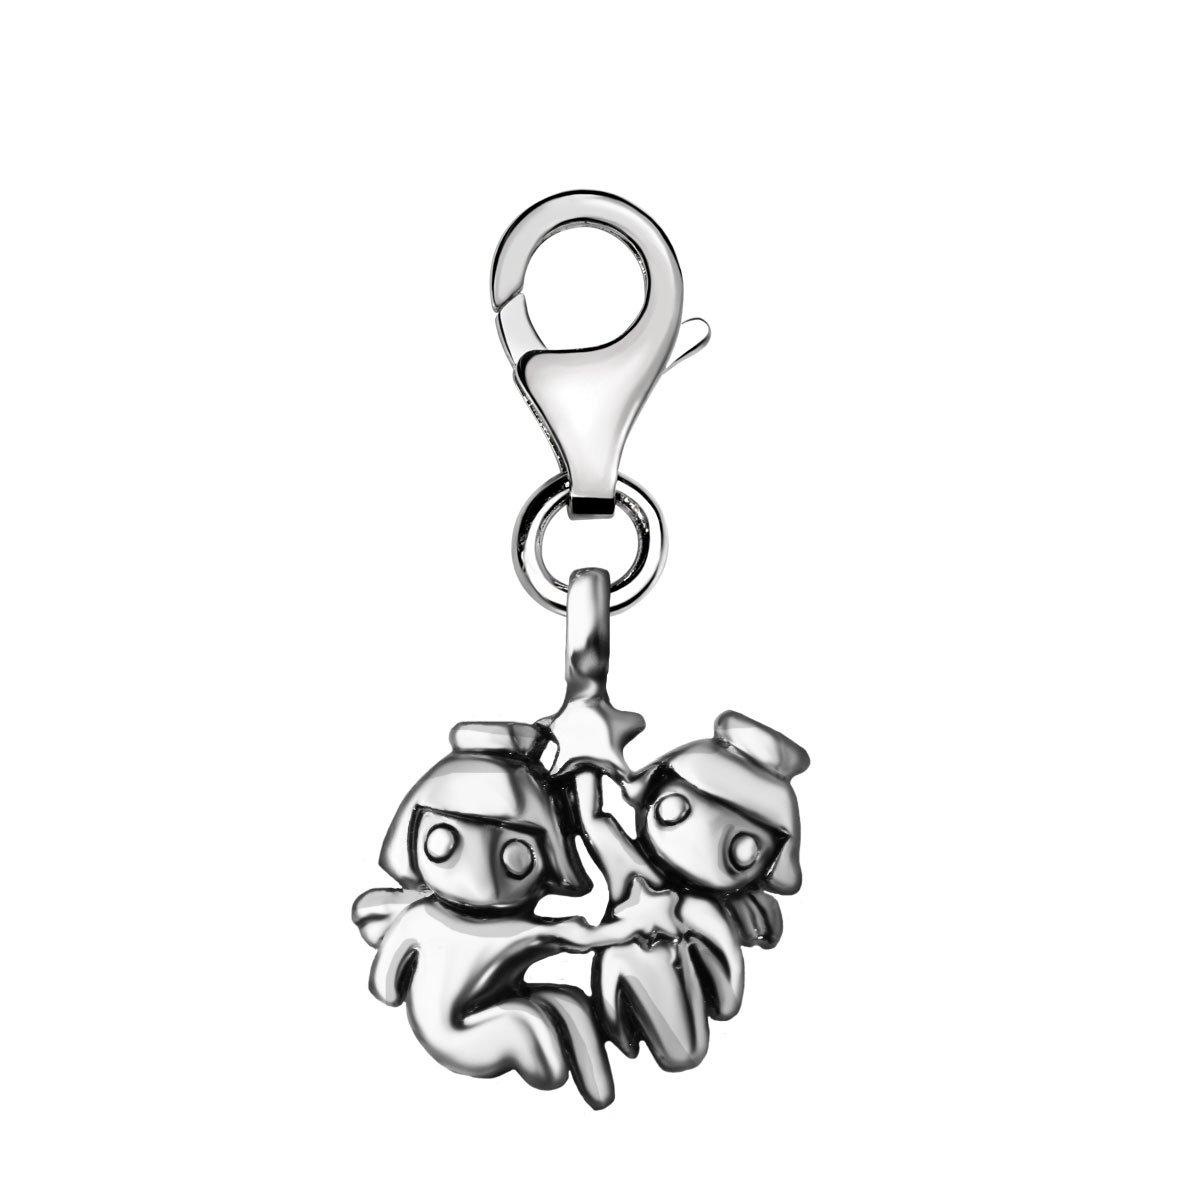 Quiges - Charm Bedel Hanger 3D Horoscoop Tweeling - Dames - zilverkleurig - QHC163 kopen